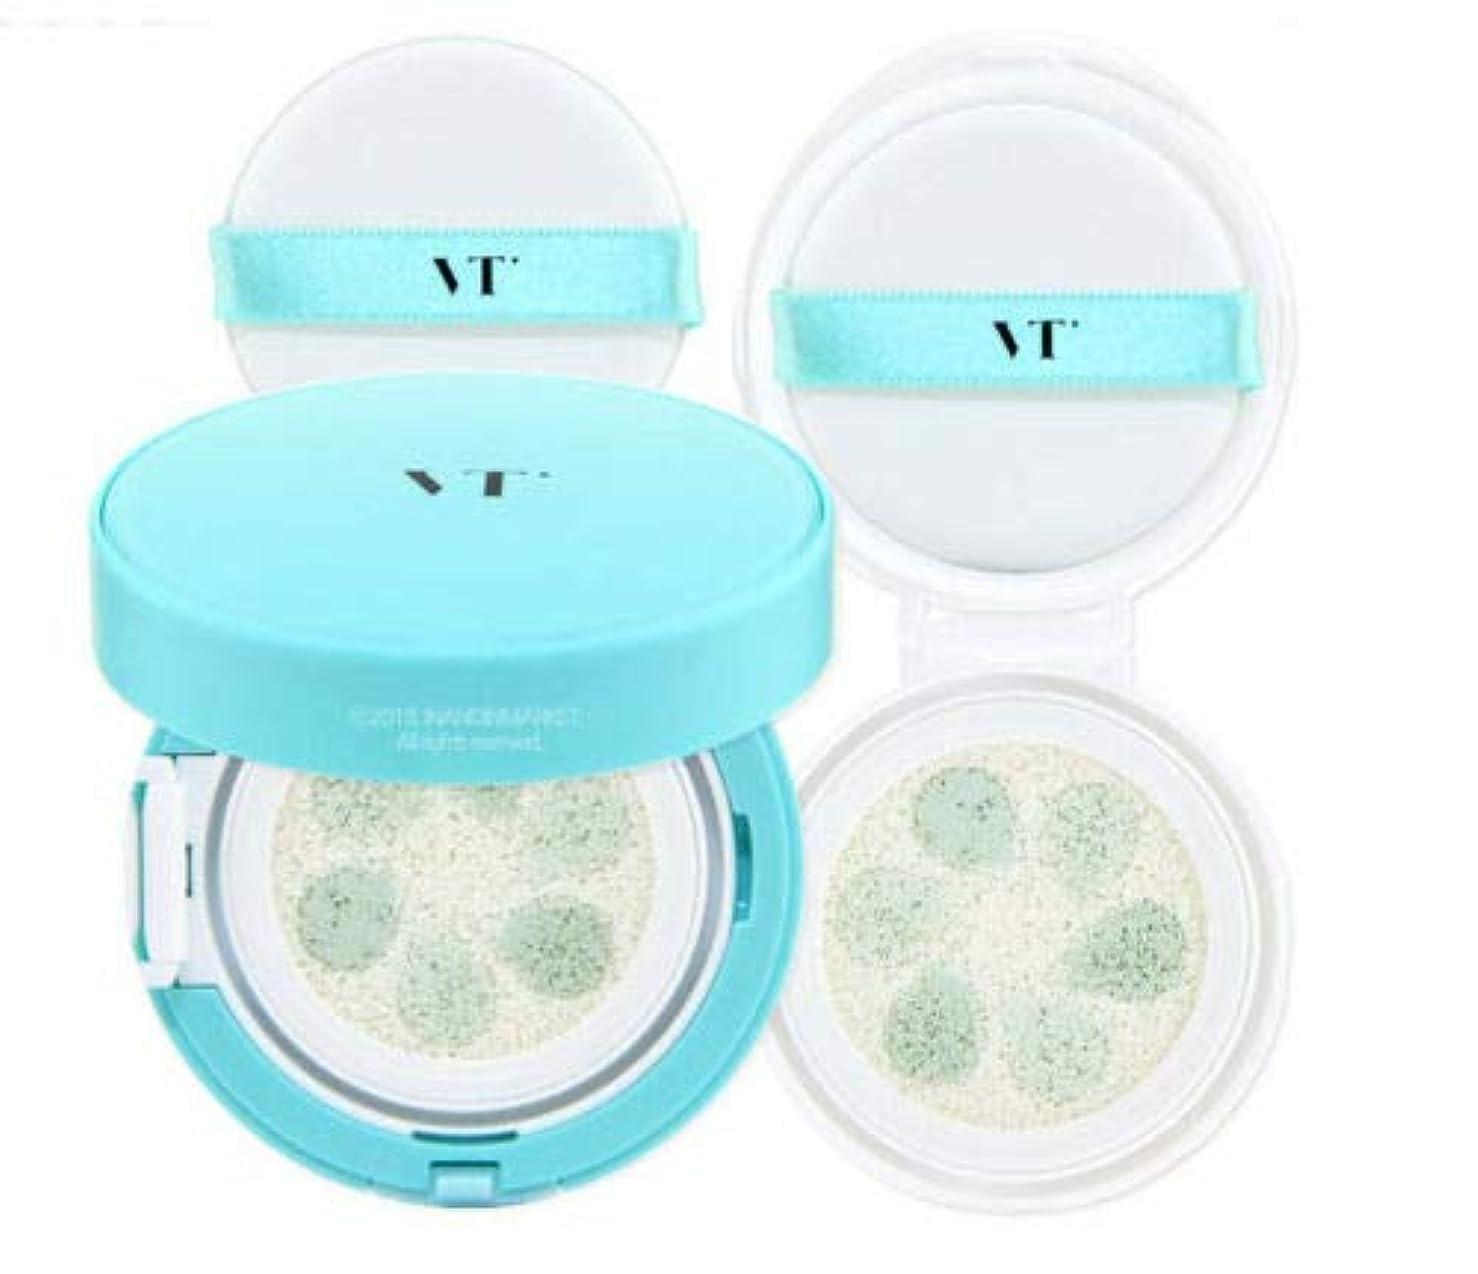 むしろ見る人略奪VT Cosmetic Phyto Sun Cushion サンクッション 本品11g + リフィール11g, SPF50+/PA++++